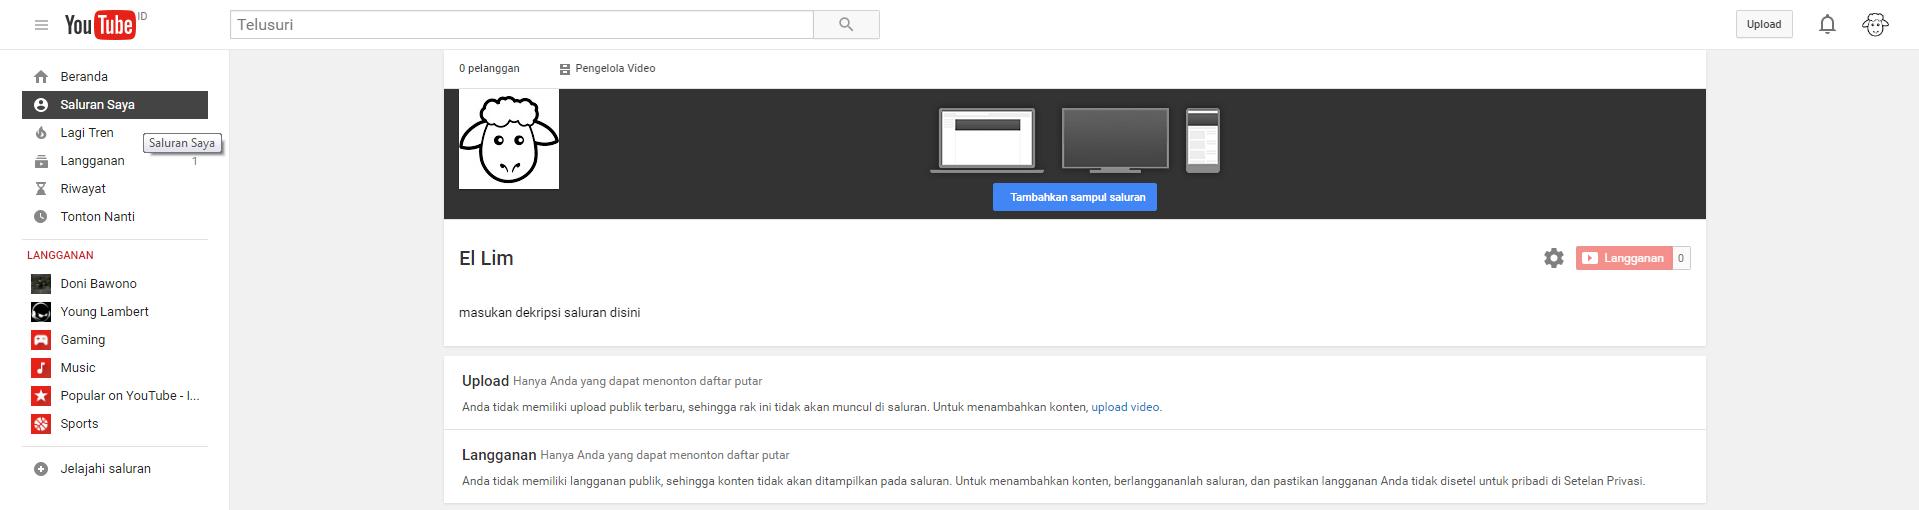 Bagaimana cara membuat channel video sendiri di Youtube